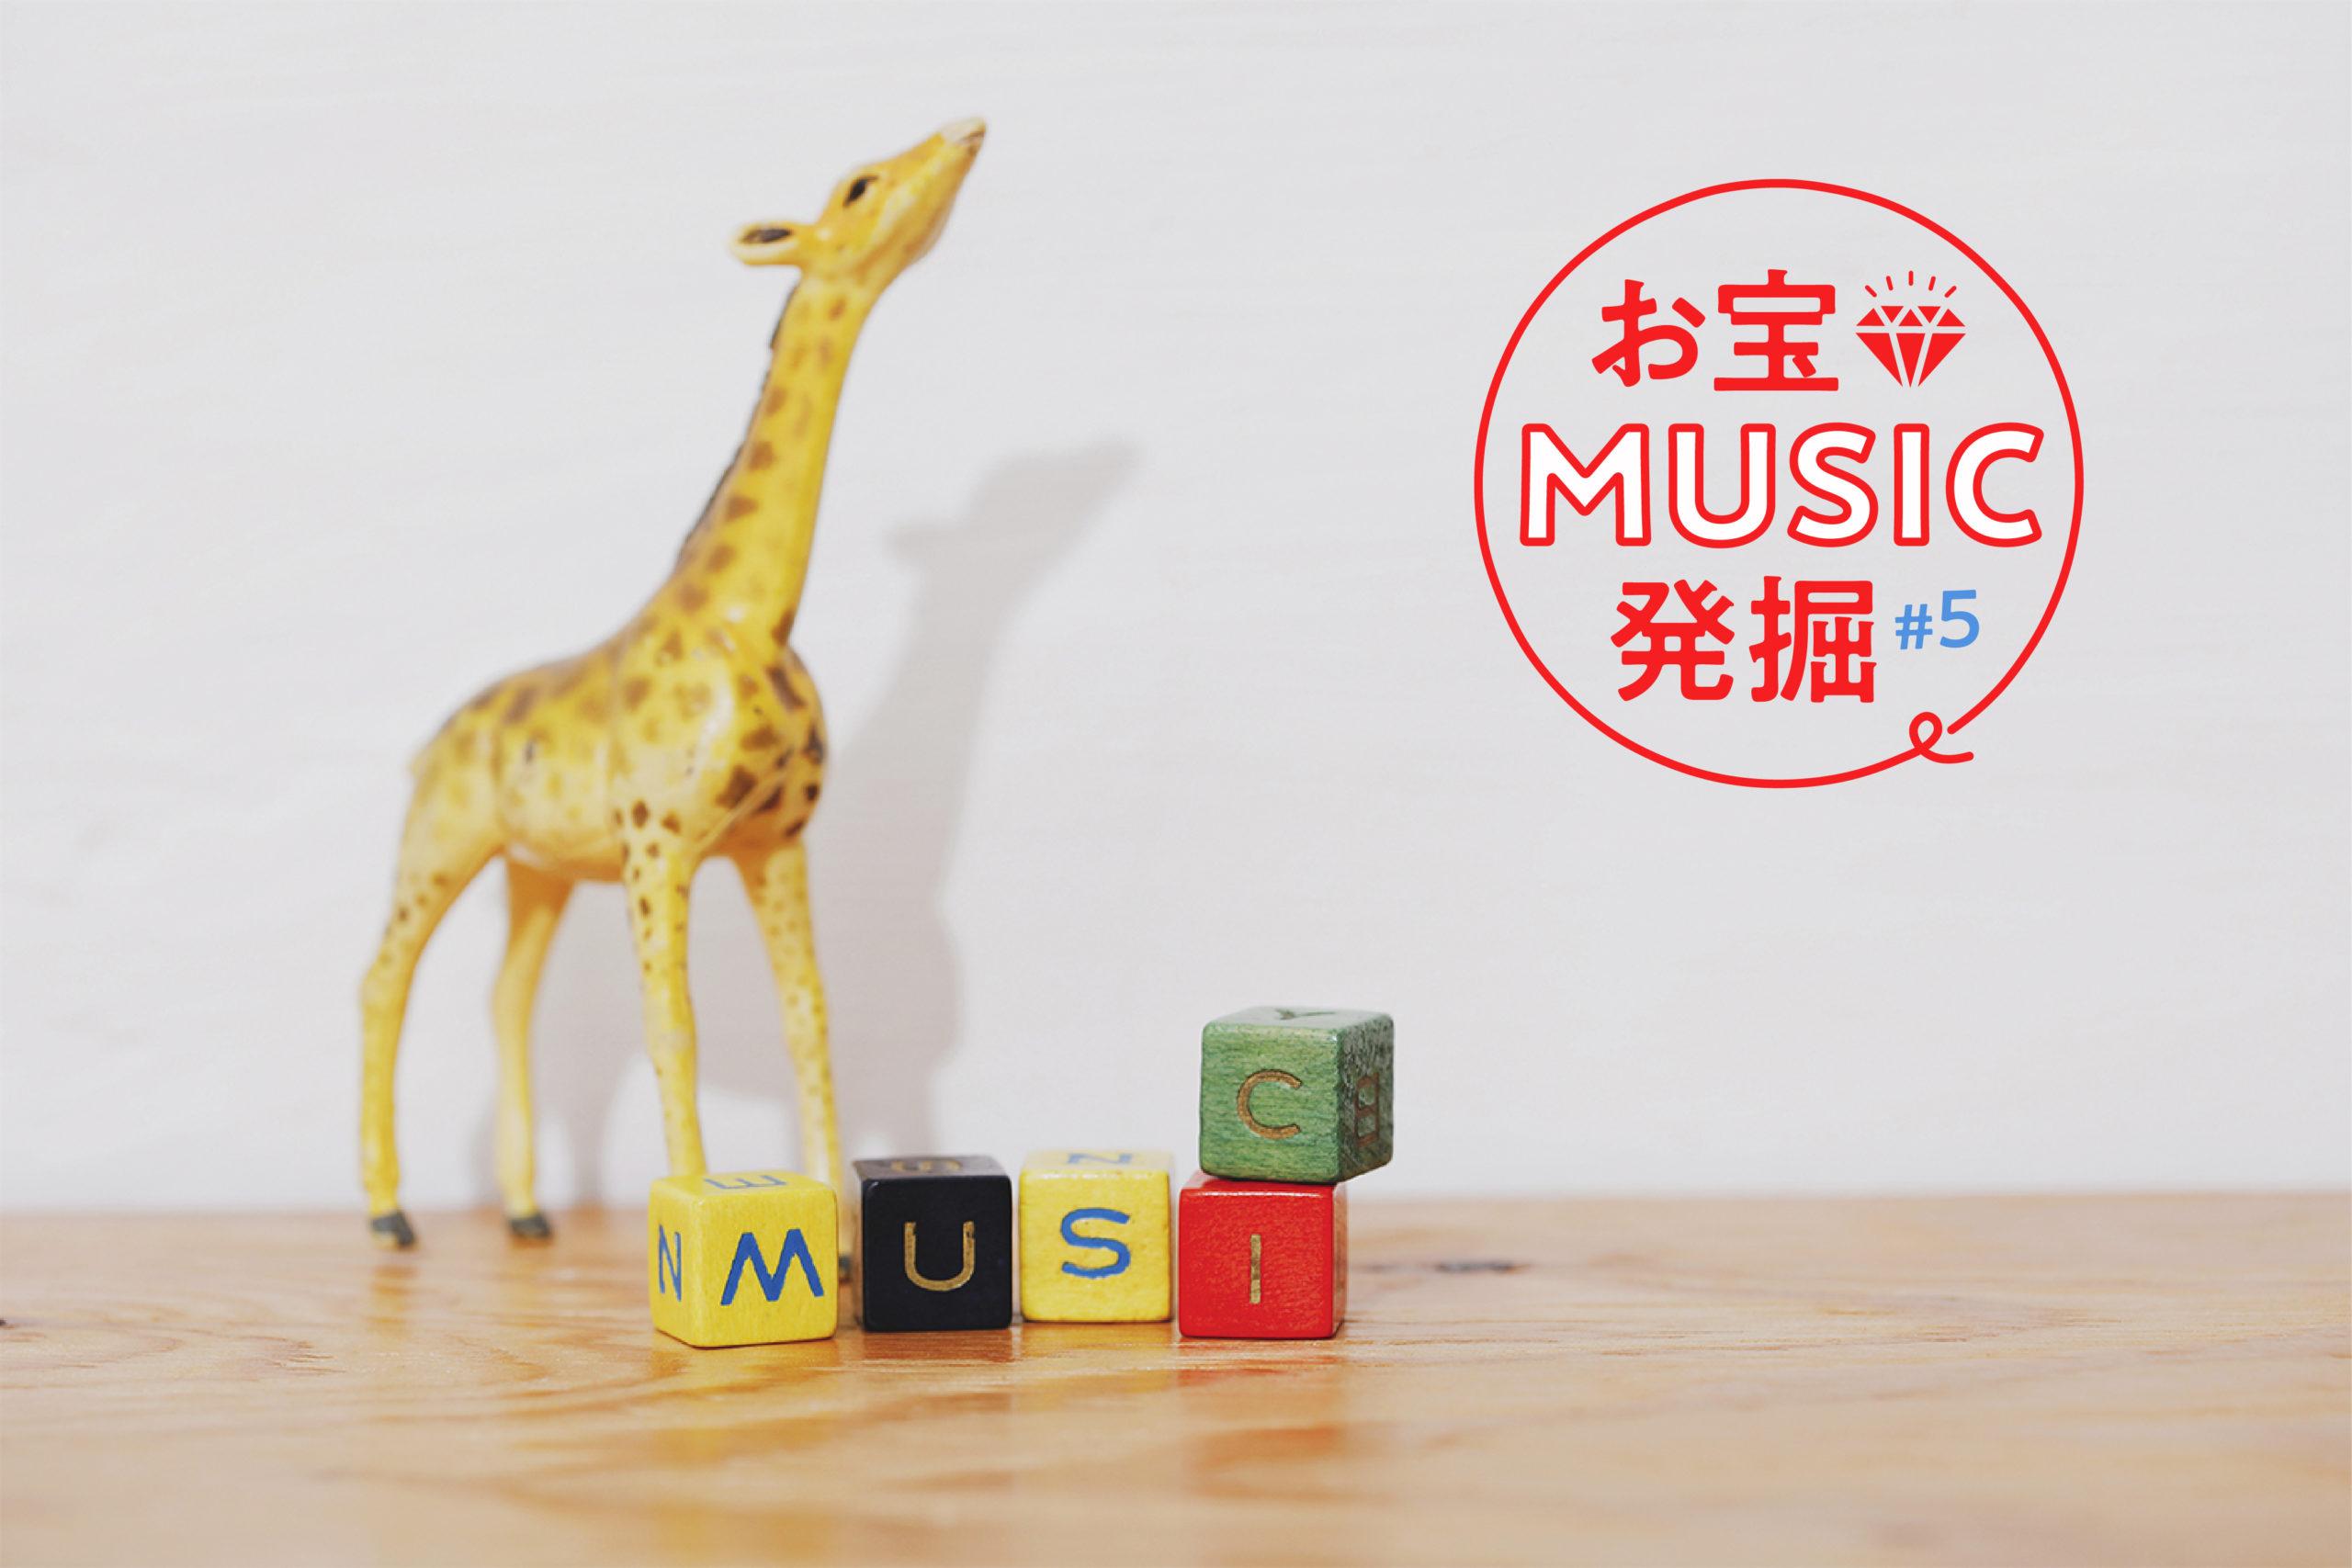 「お宝MUSIC発掘#5 − Mellow Youth / Absolute area」のアイキャッチ画像